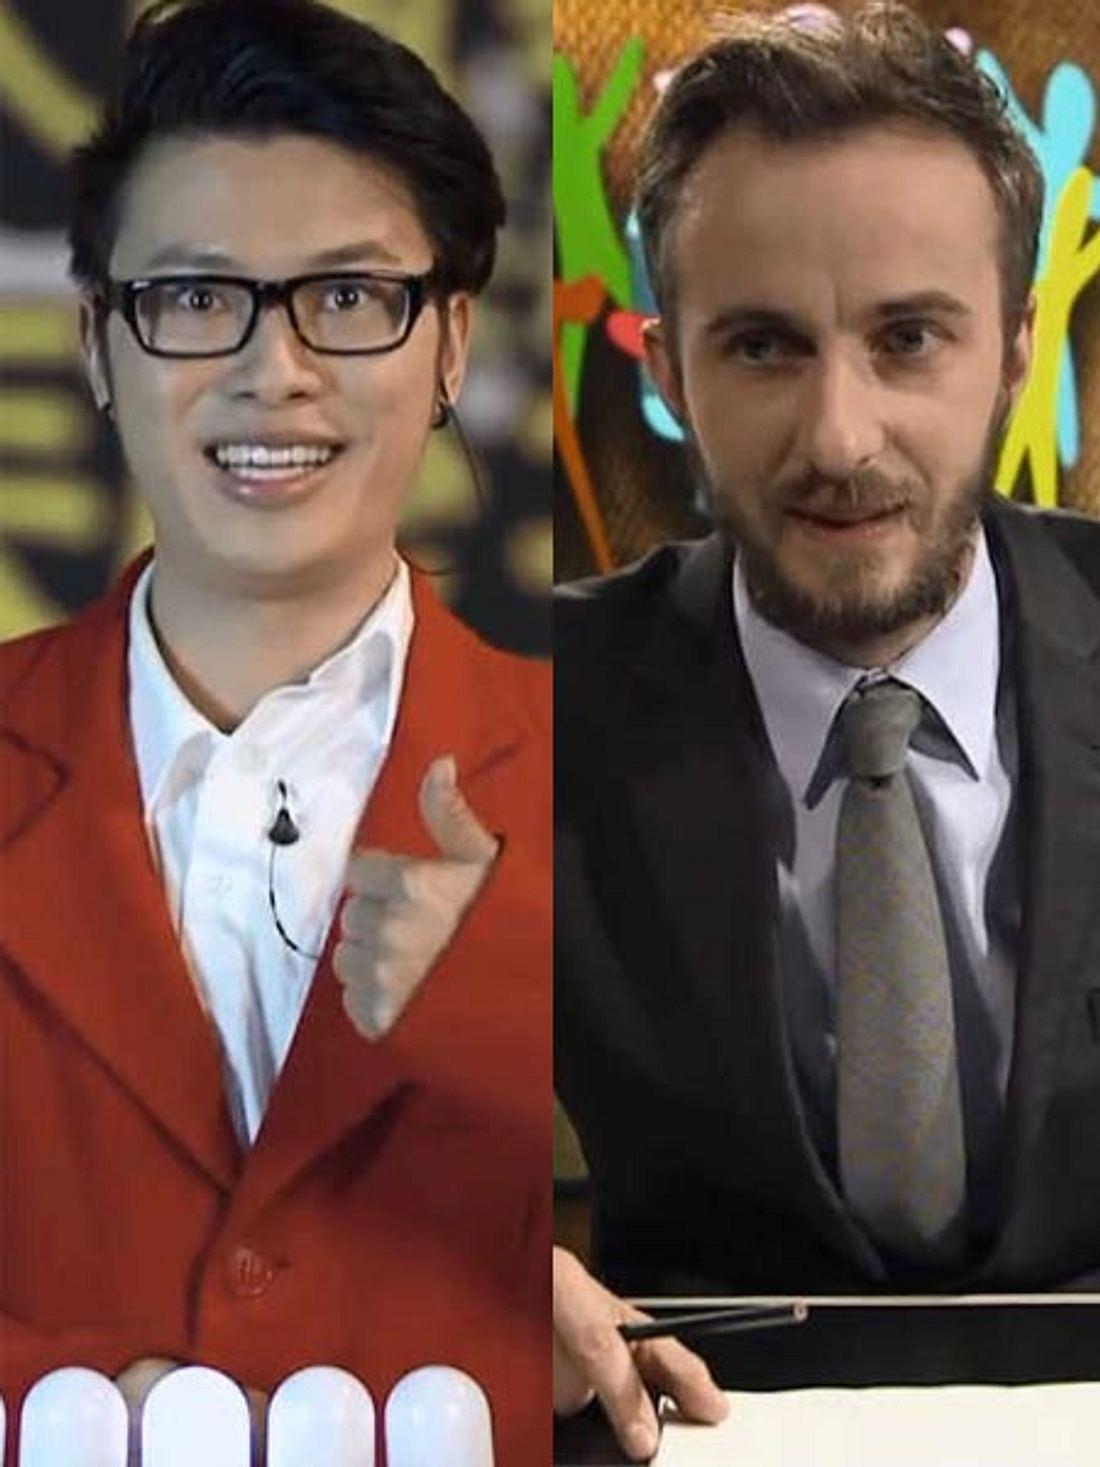 Stefan Raab von ZDF Neo-Moderator Jan Böhmermann verarscht!